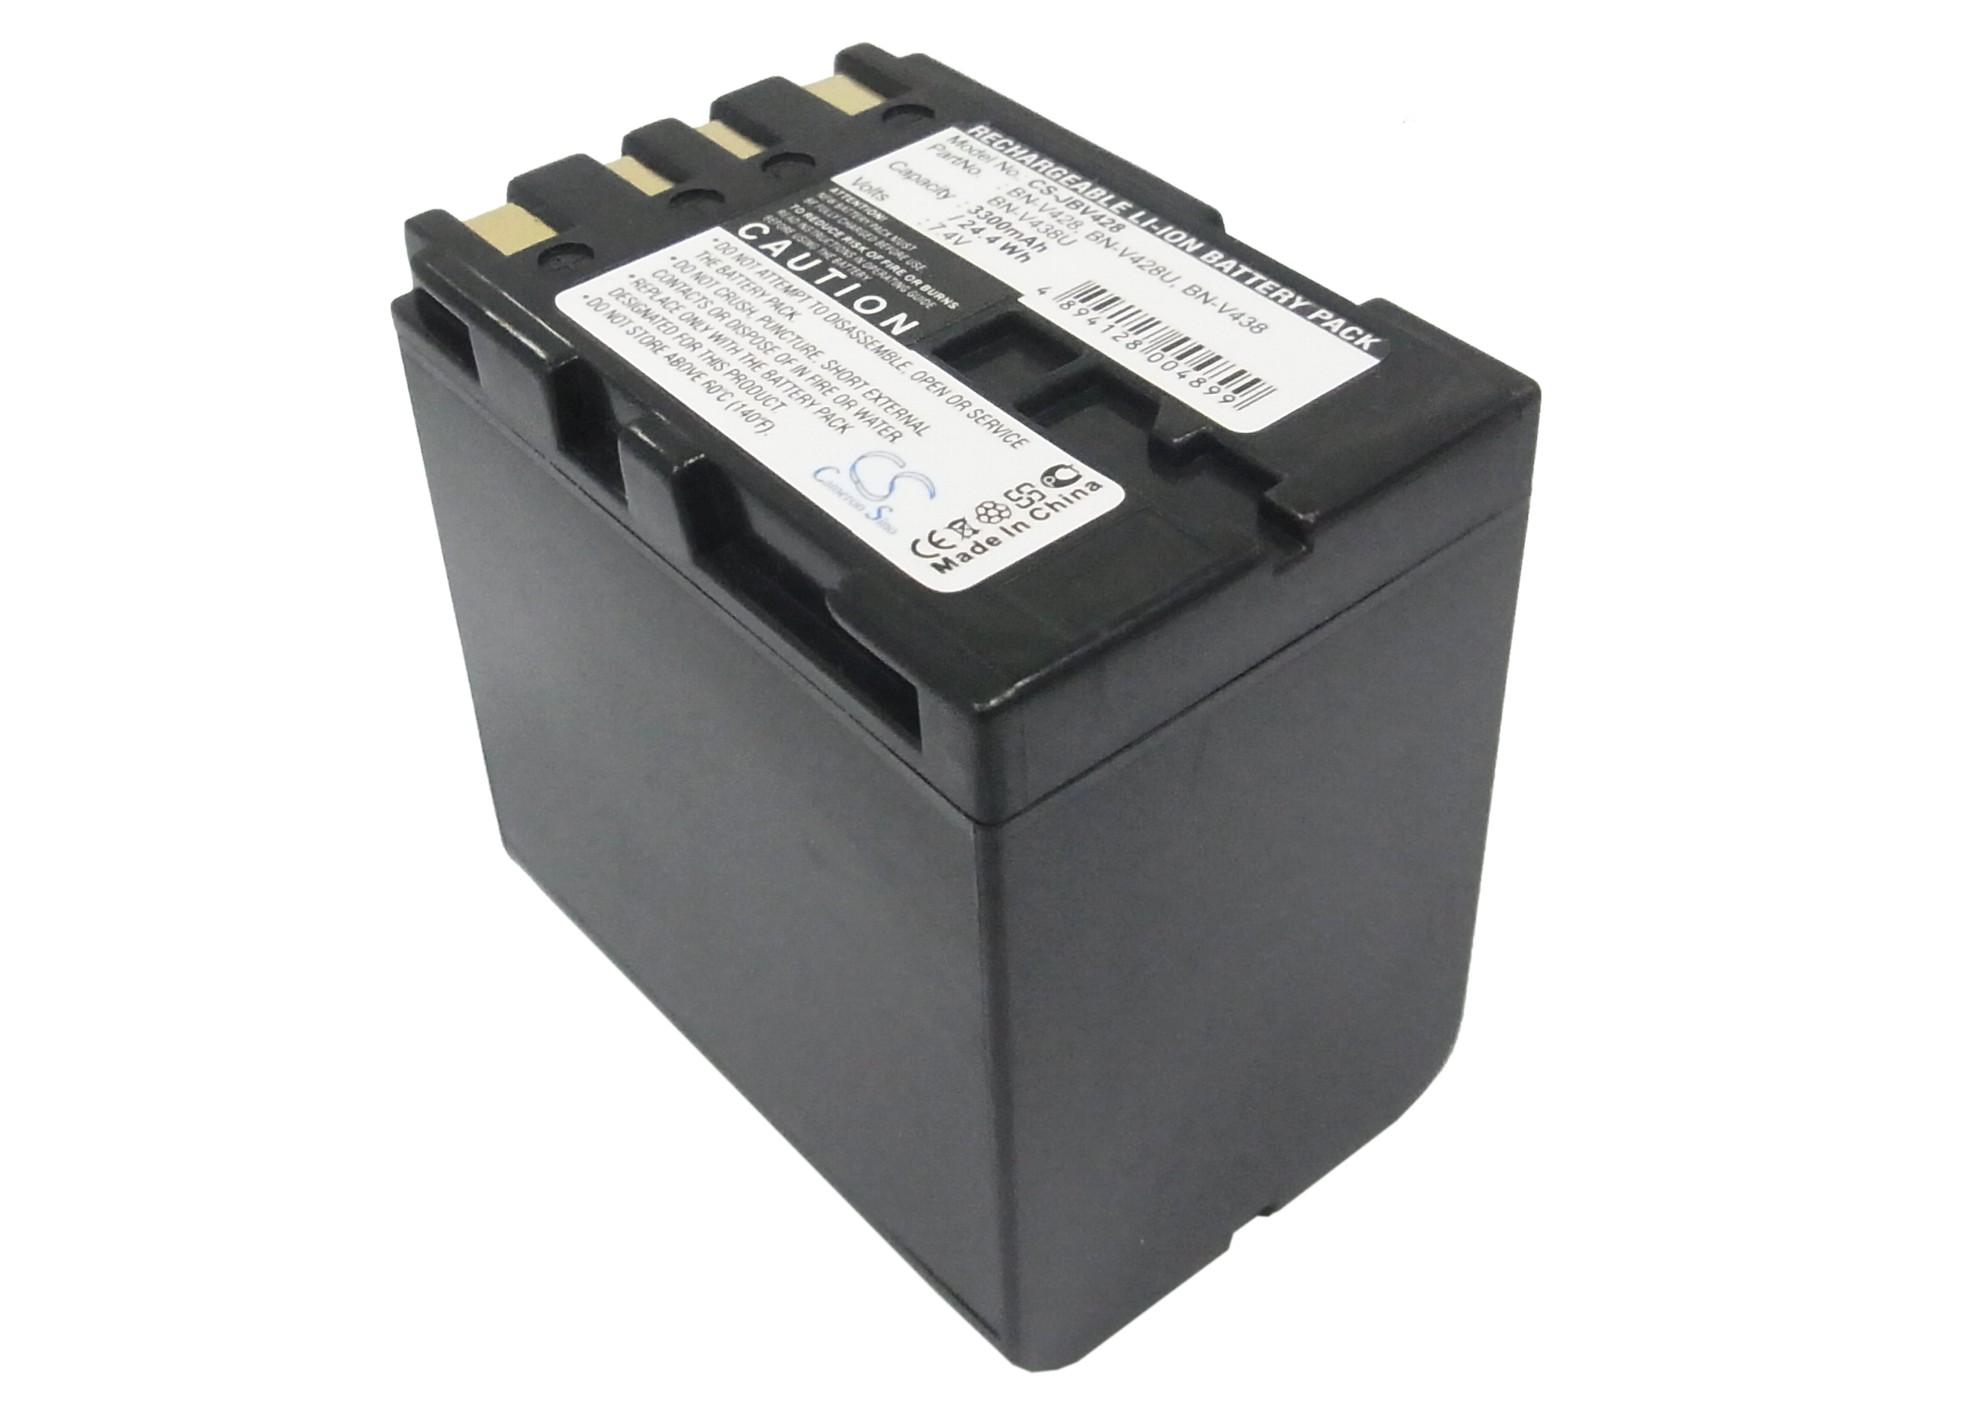 Cameron Sino baterie do kamer a fotoaparátů pro JVC GR-D93 7.4V Li-ion 3300mAh tmavě šedá - neoriginální